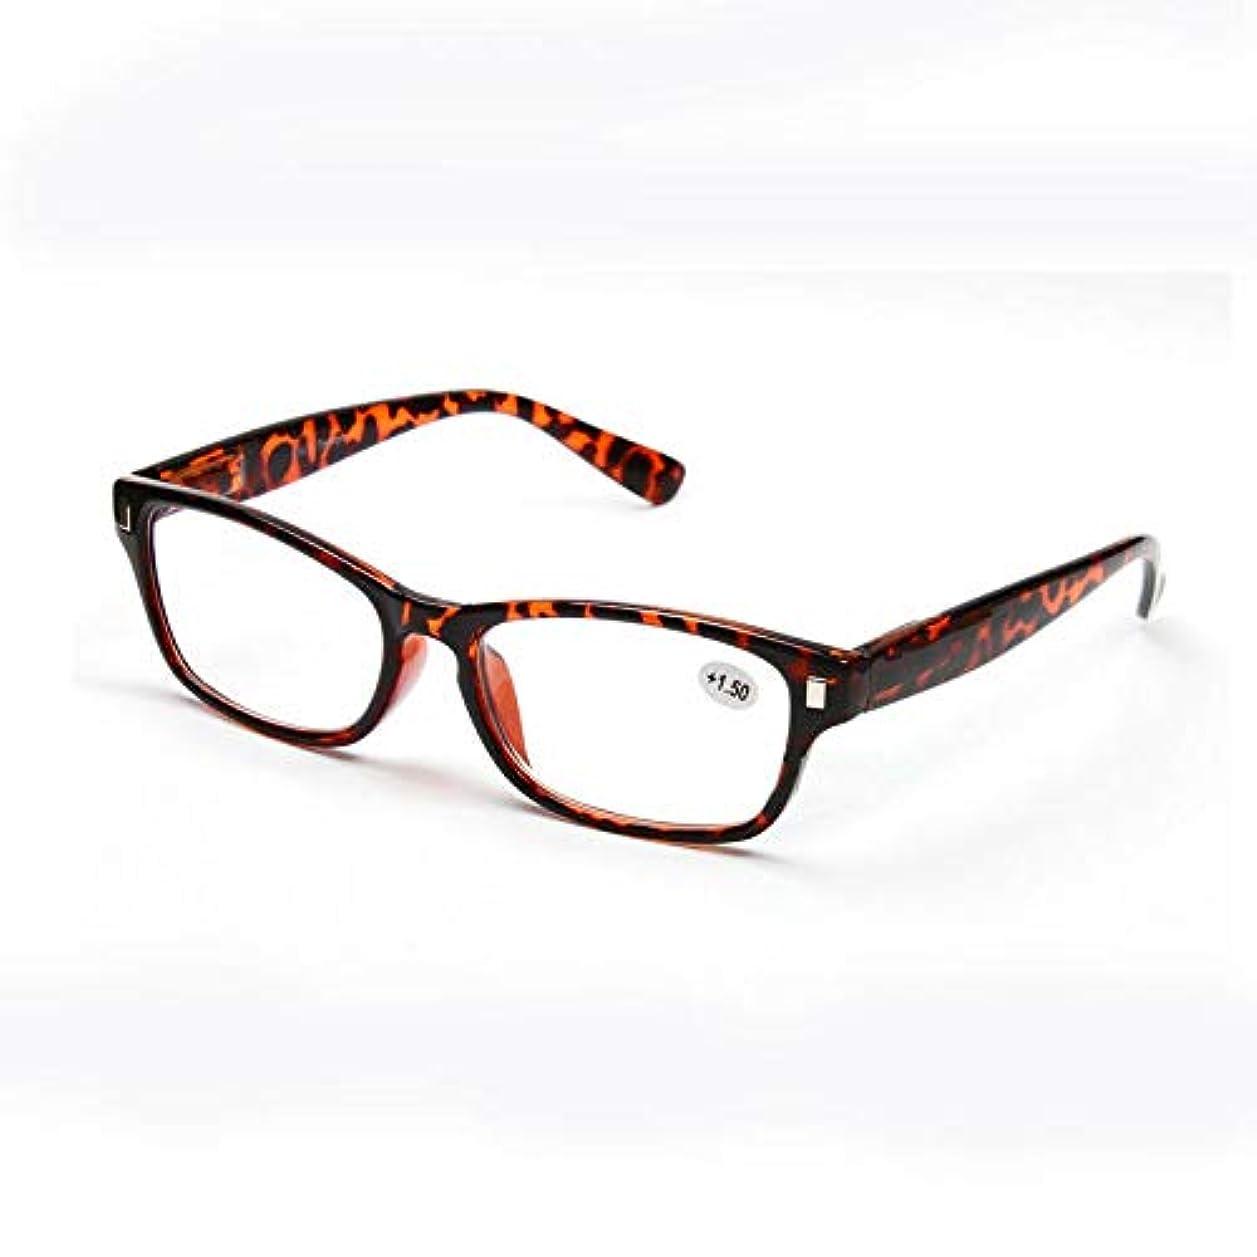 ユーモラス手錠費やすFidgetGear ファッションブラックレンズ老眼鏡サングラス+ 1.0?+ 3.5男性女性ヴィンテージリーダー ヒョウ